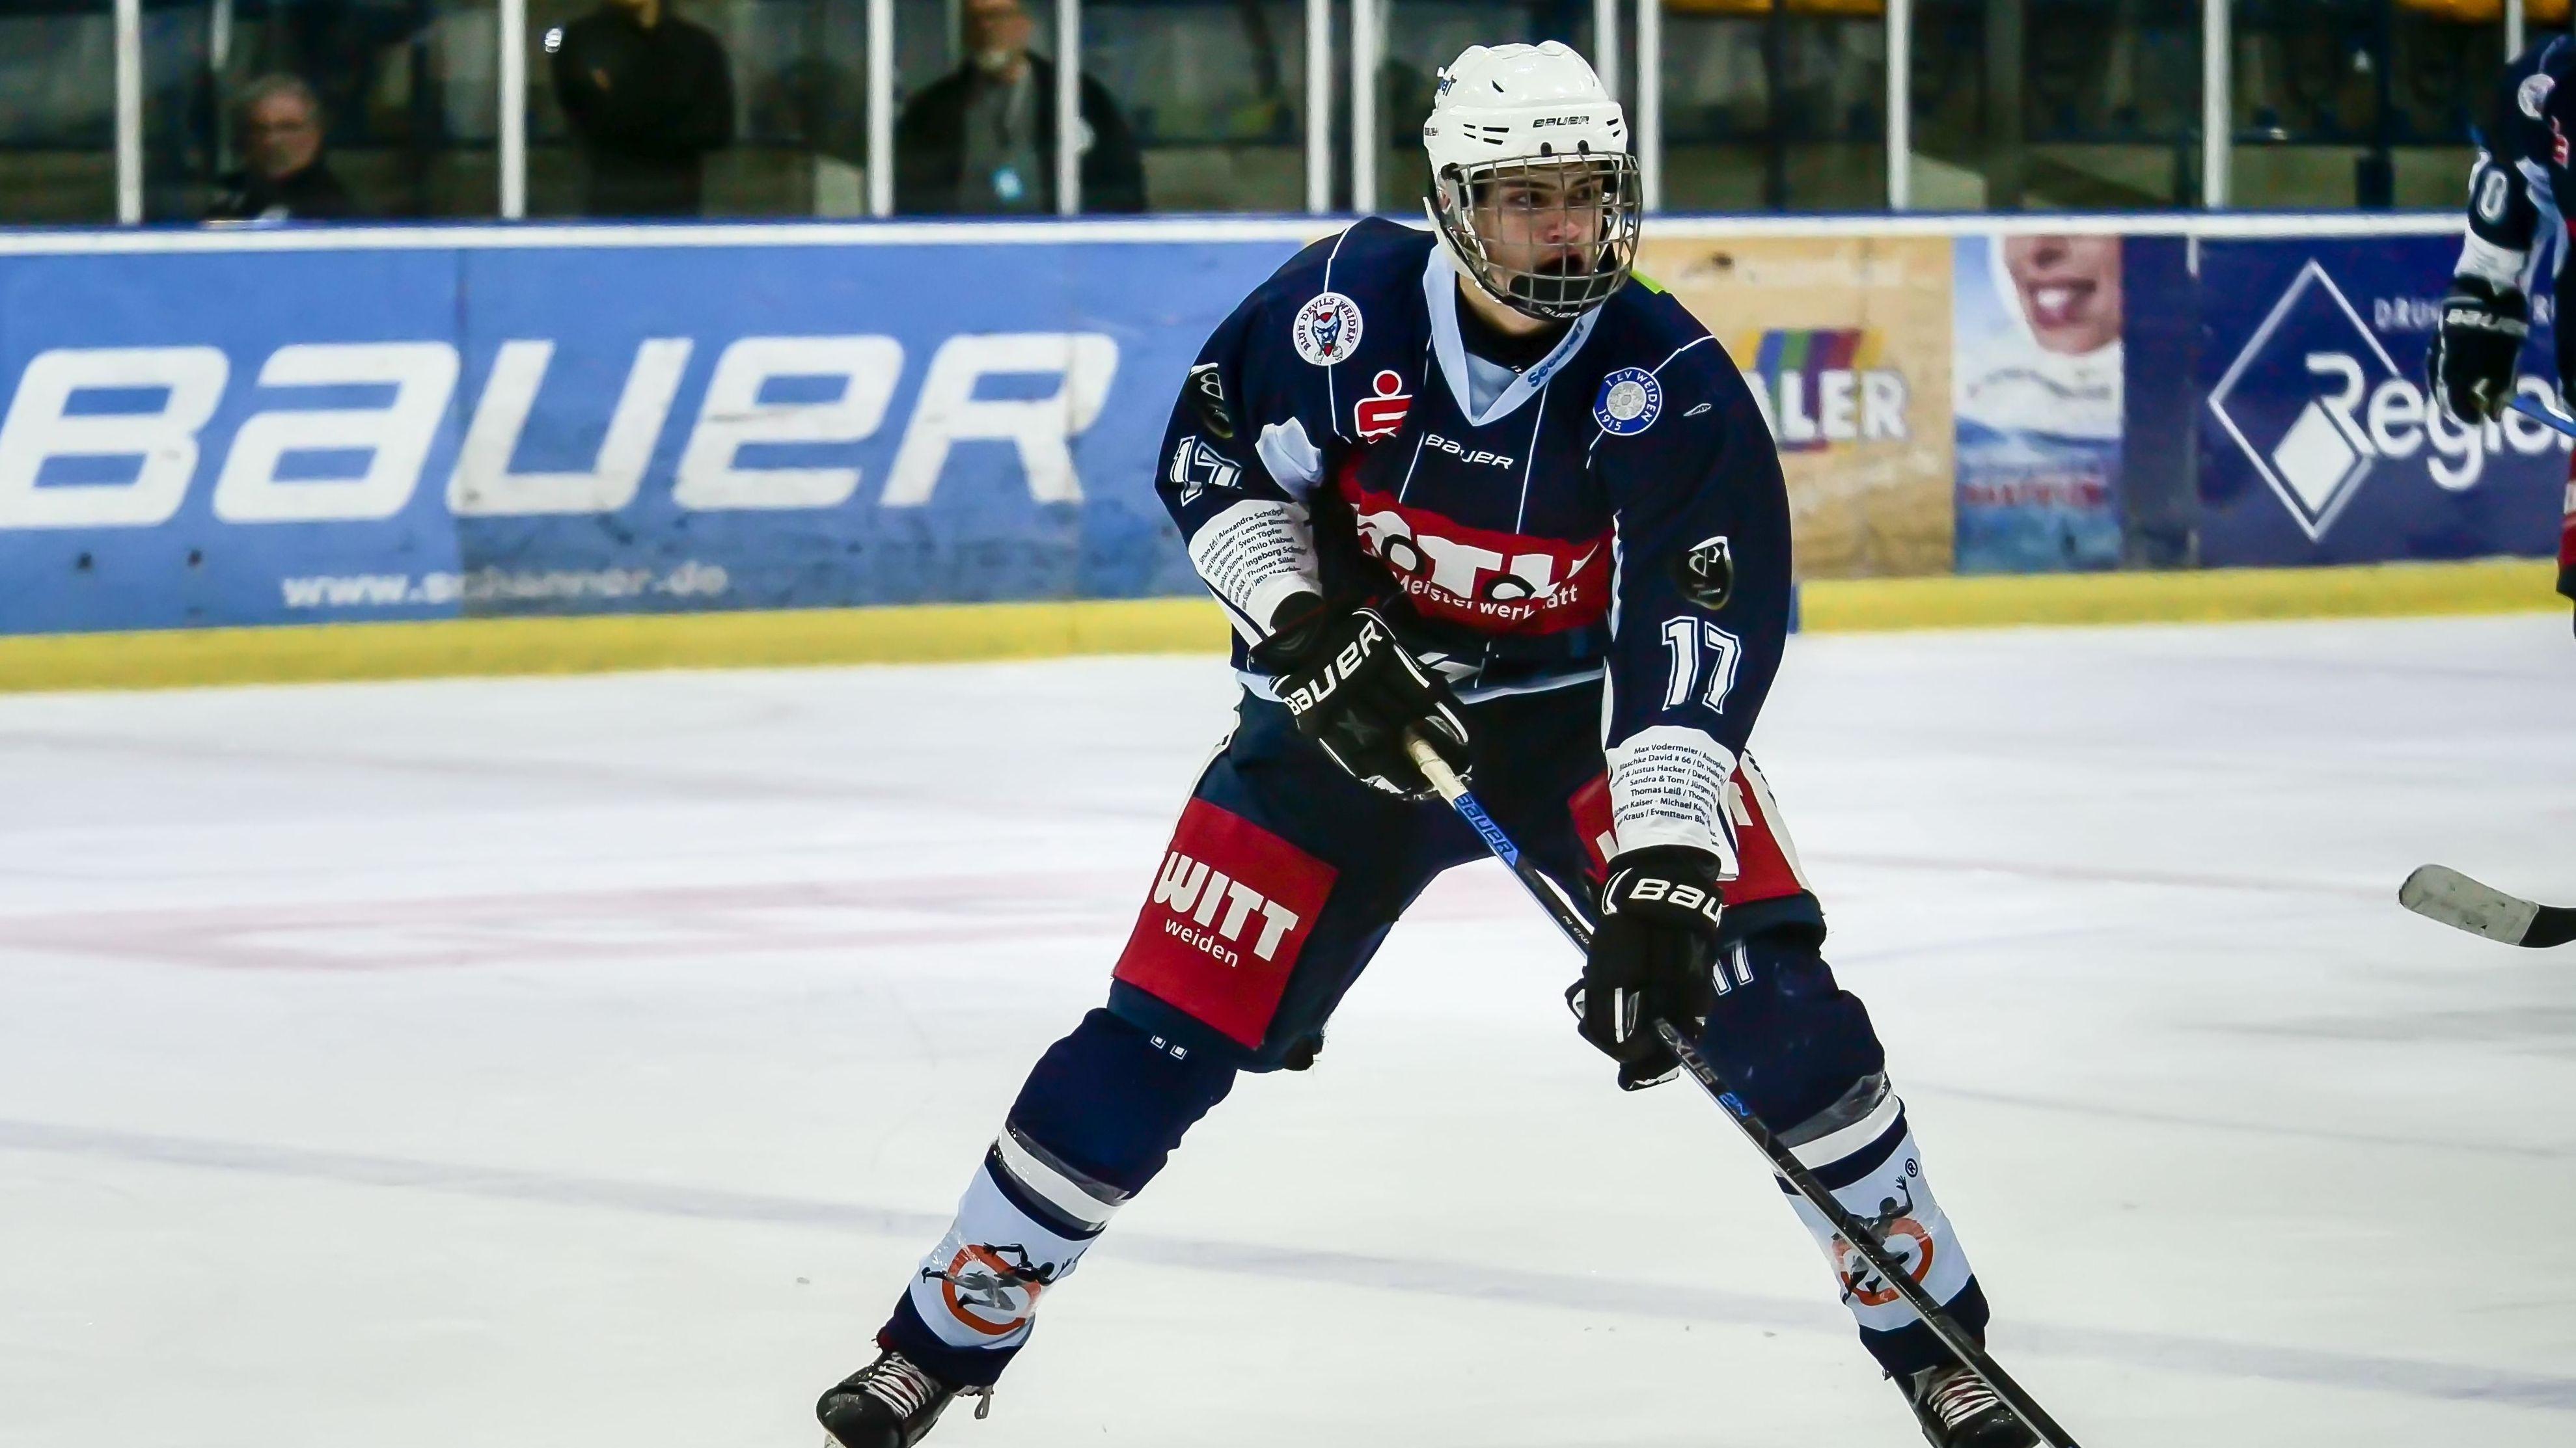 Adrian Klein für die Blue Devils Weiden auf dem Eis